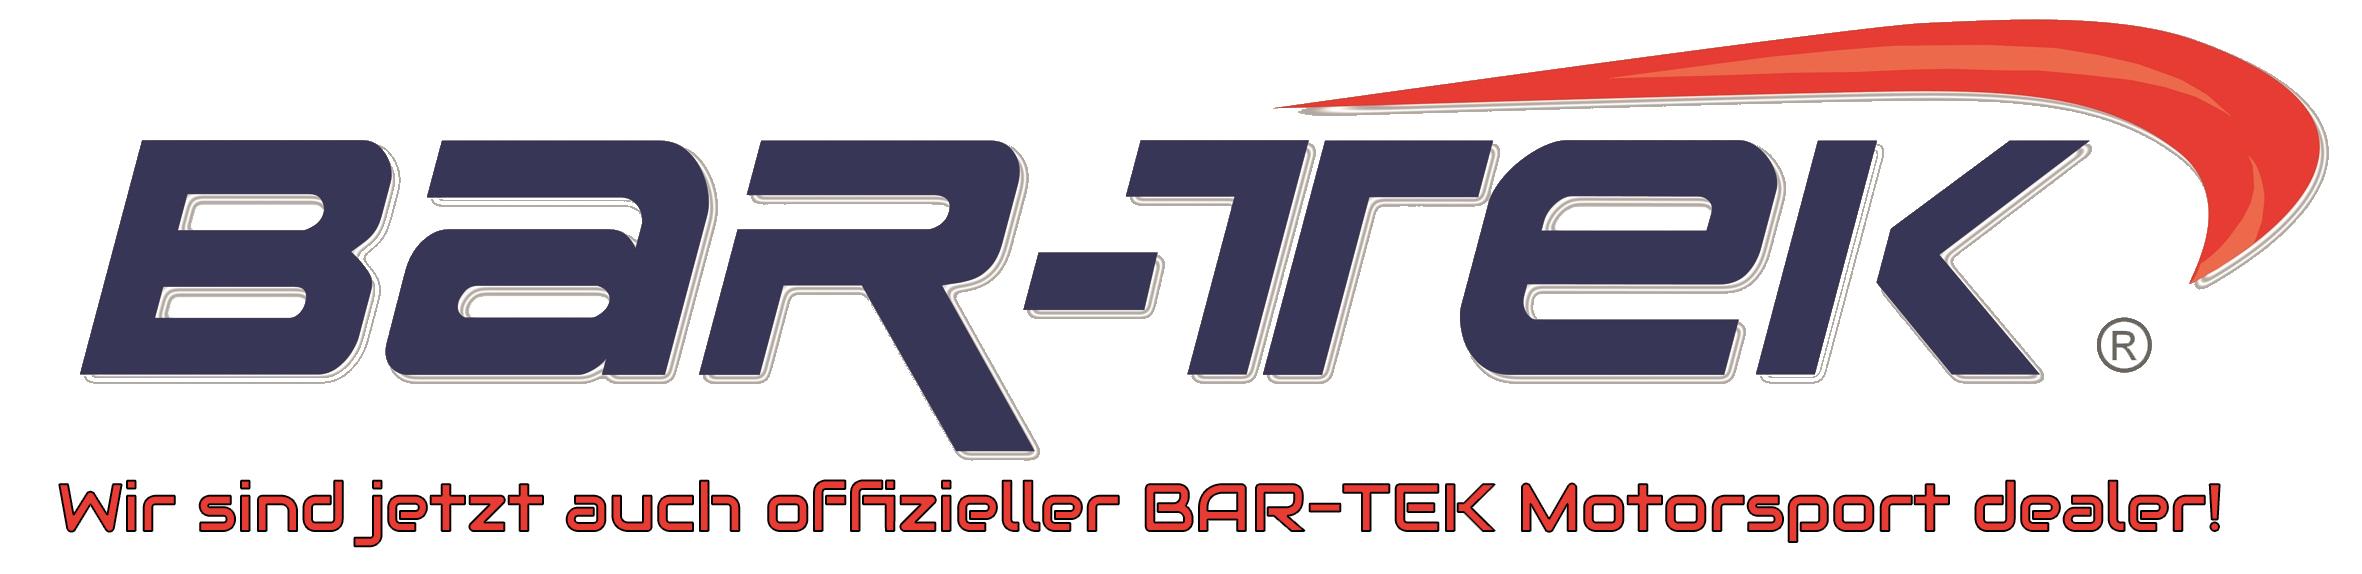 Wir sind jetzt auch offizieller BAR-TEK® Motorsport Dealer!